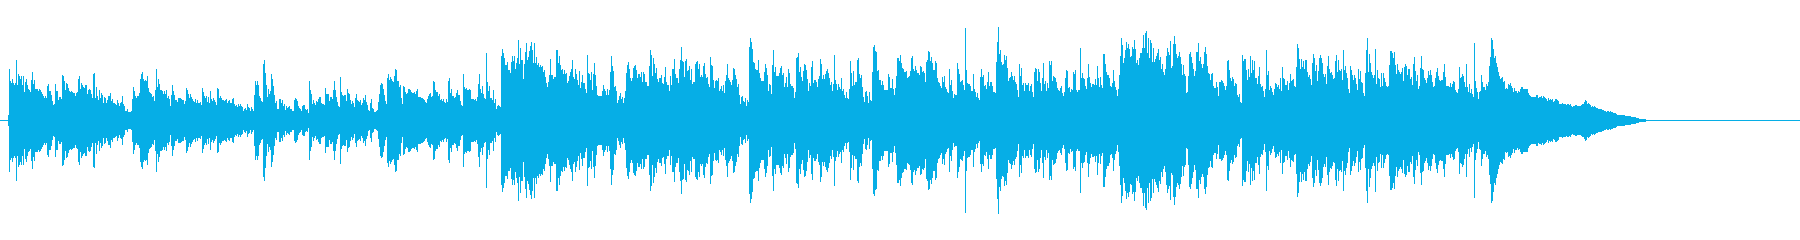 動画 センチメンタル 感情的 静か...の再生済みの波形